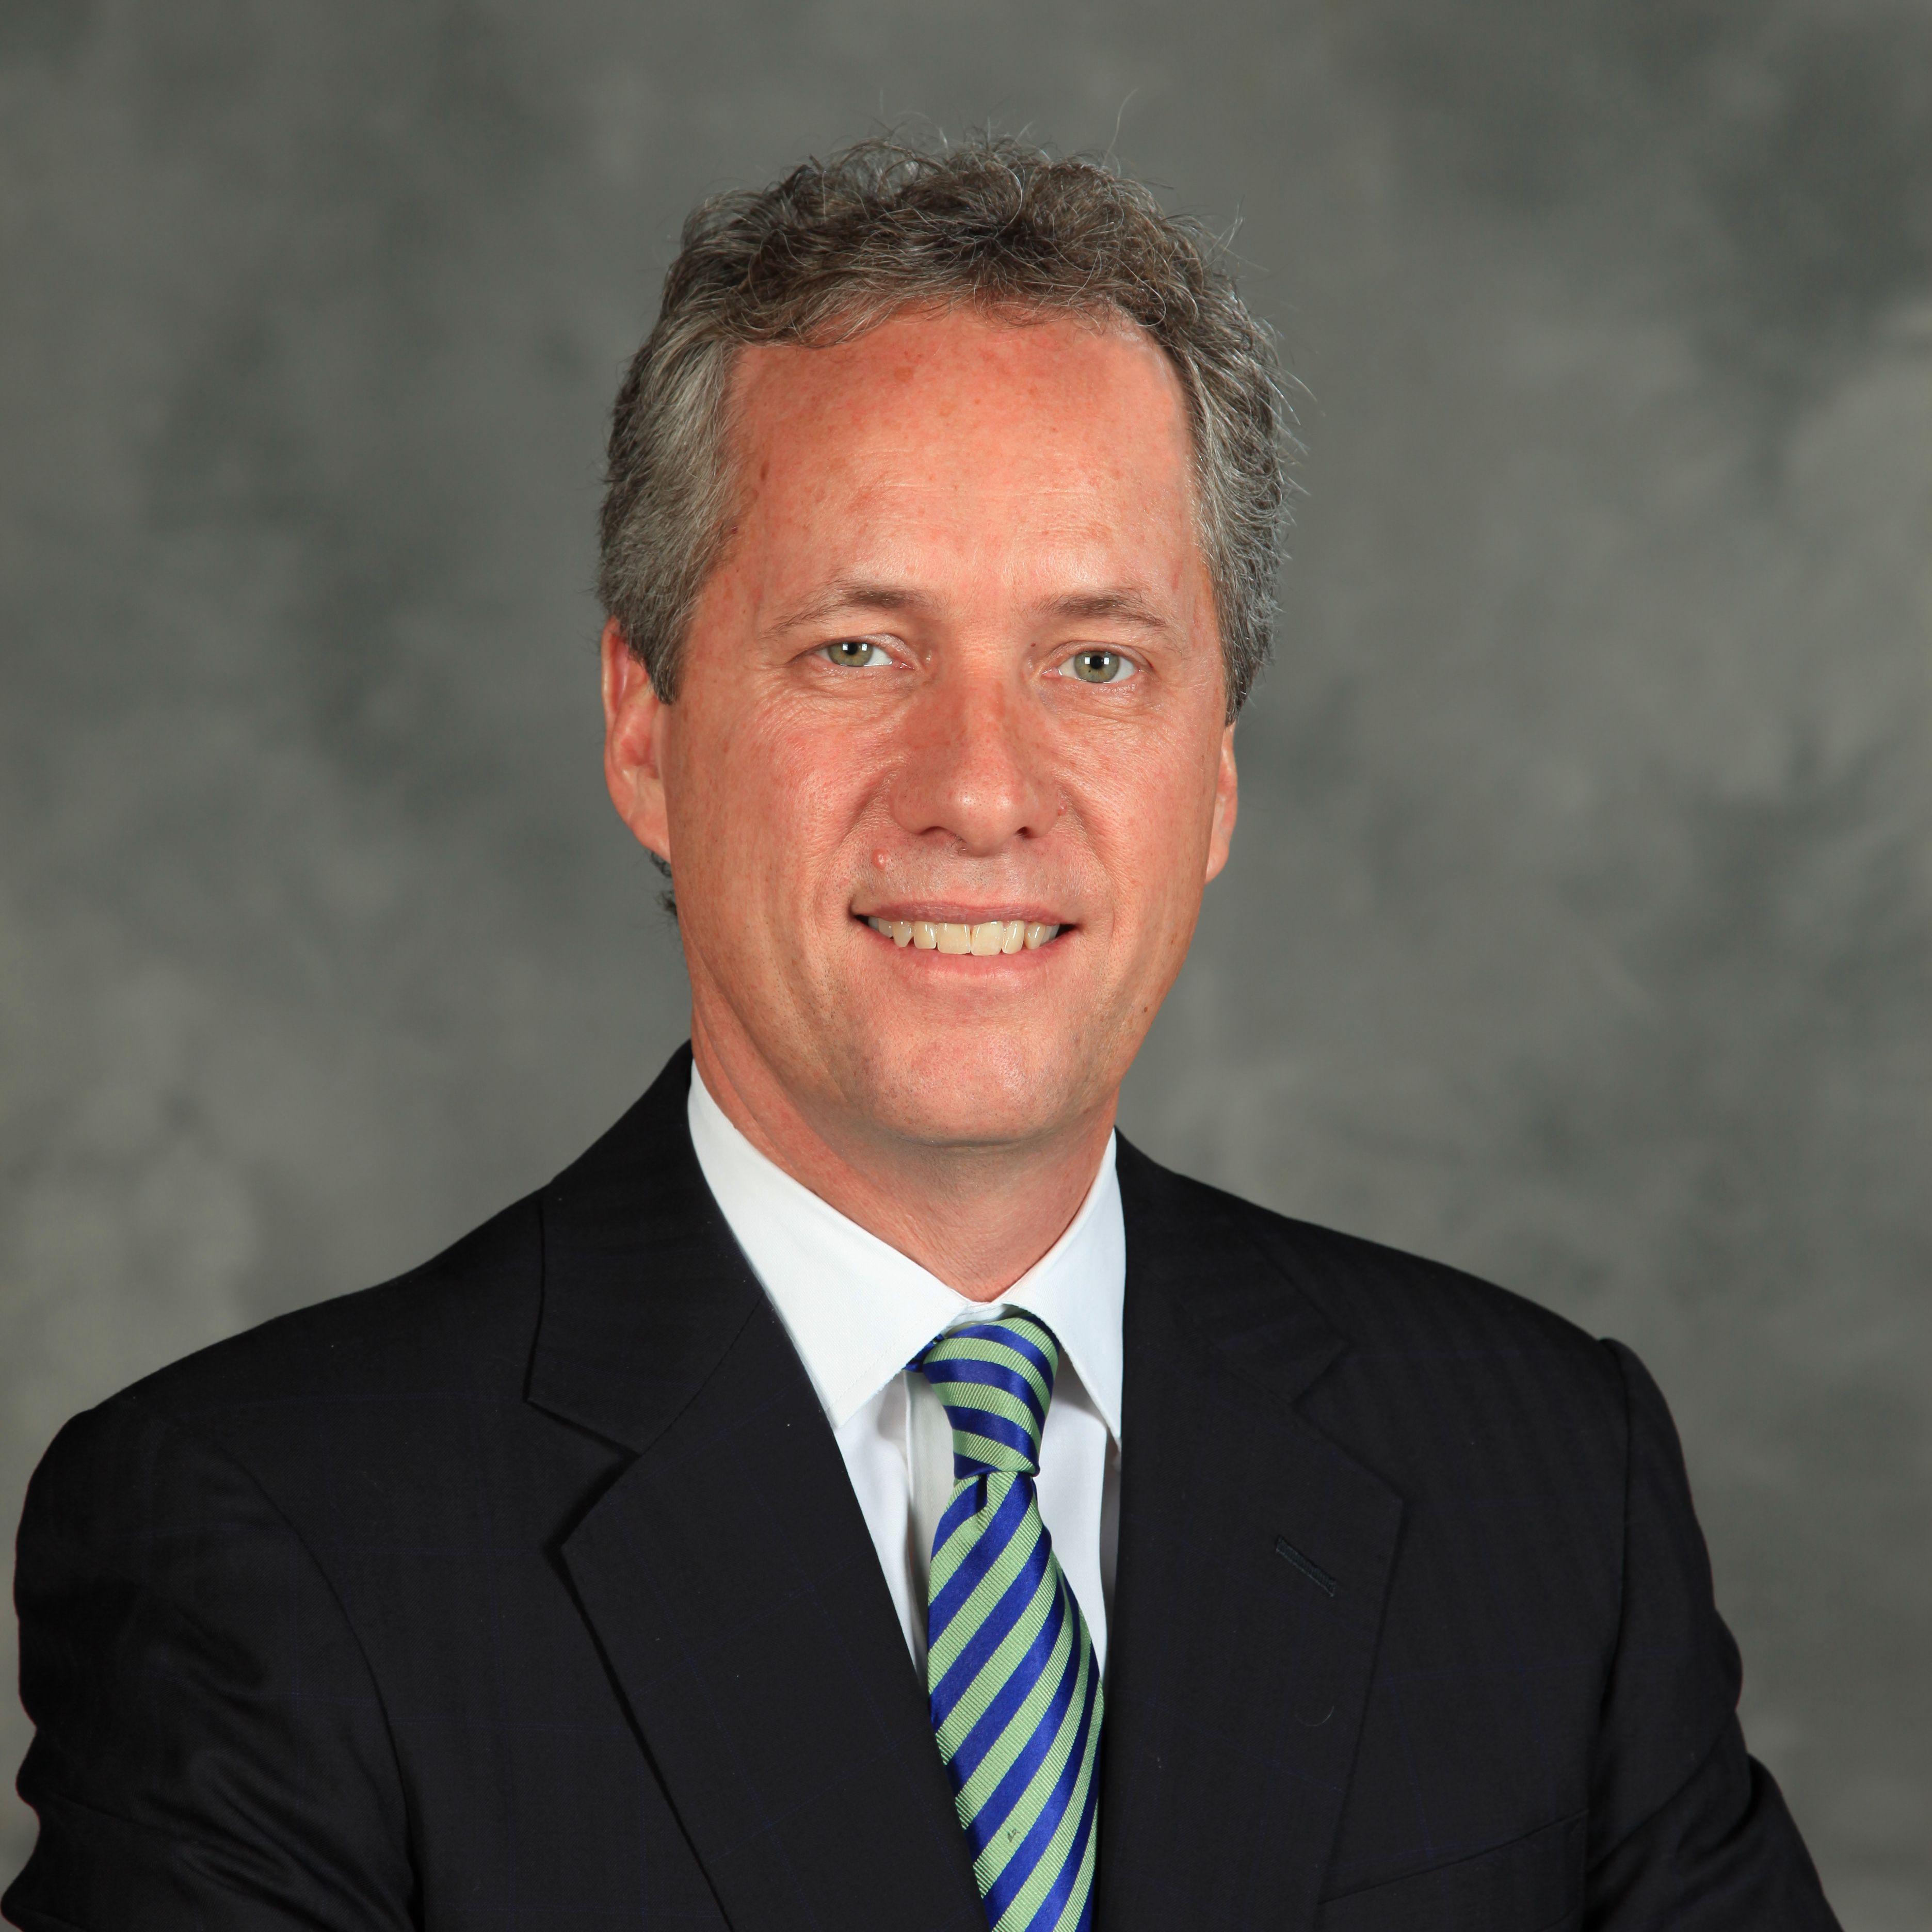 Greg Fischer